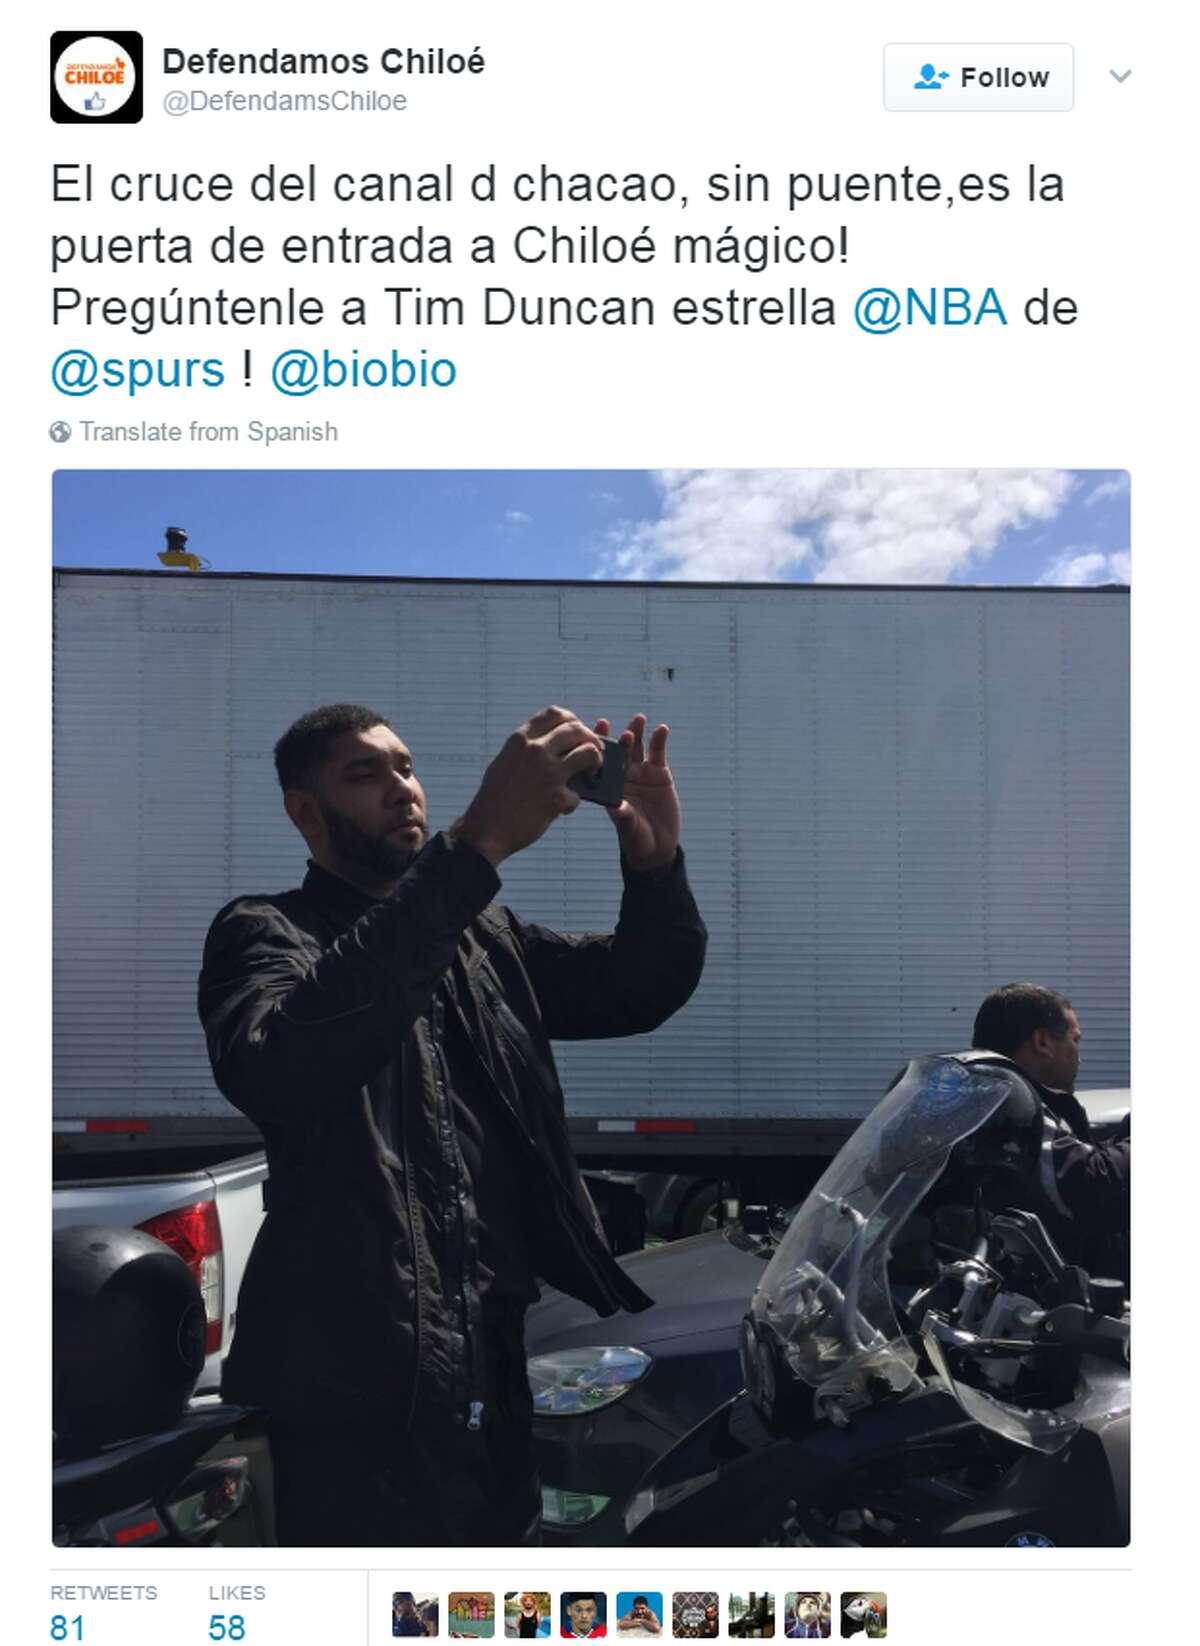 @DefendamsChiloe: El cruce del canal d chacao, sin puente,es la puerta de entrada a Chiloé mágico! Pregúntenle a Tim Duncan estrella @NBA de @spurs ! @biobio